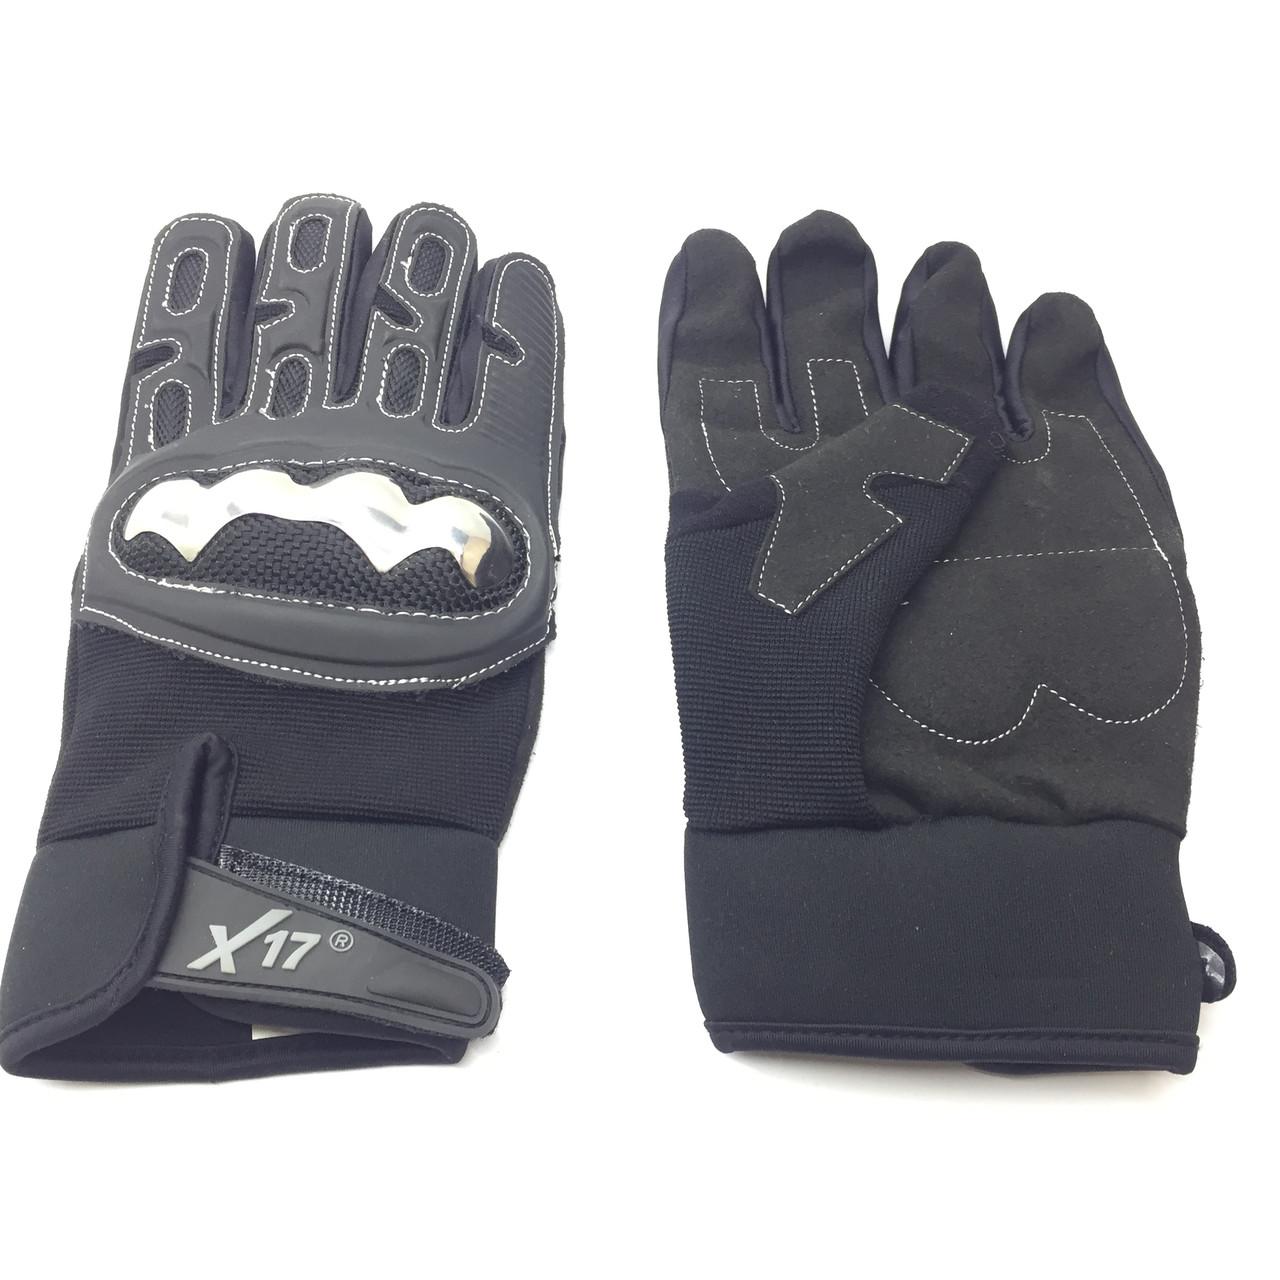 Перчатки велосипедные X17 XGL-755BK закрытые, черные, L